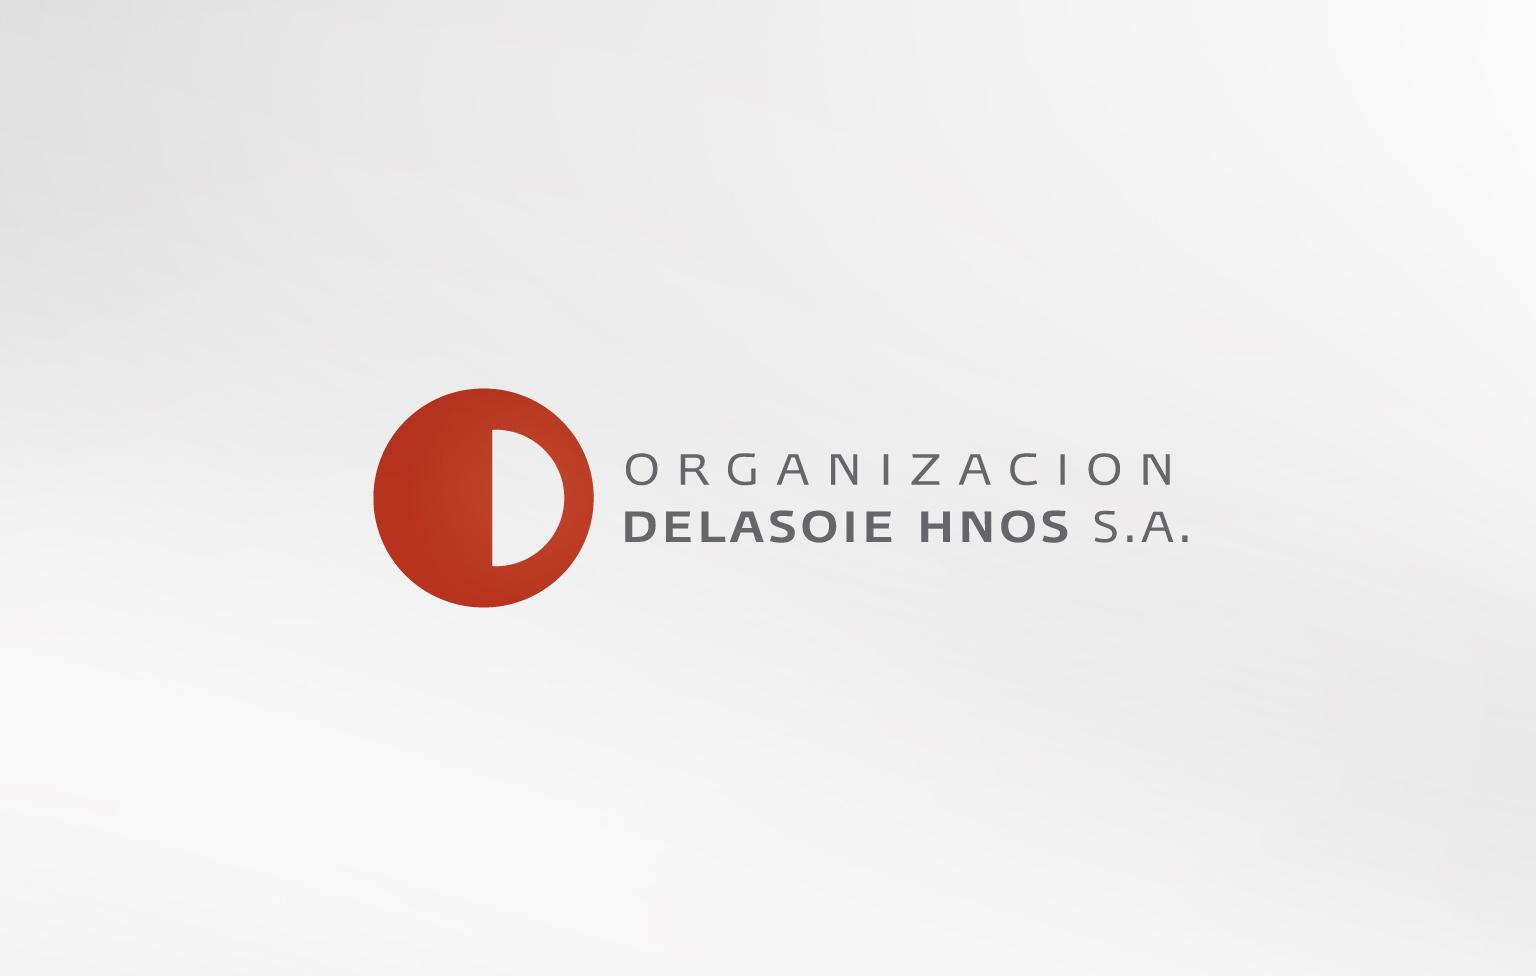 Organización Delasoie